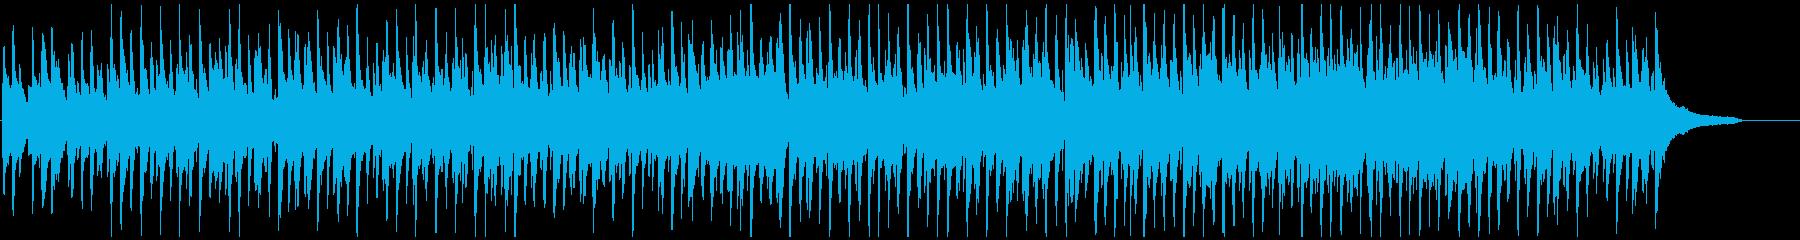 ほのぼのウクレレ生演奏曲 ゆるい散歩気分の再生済みの波形